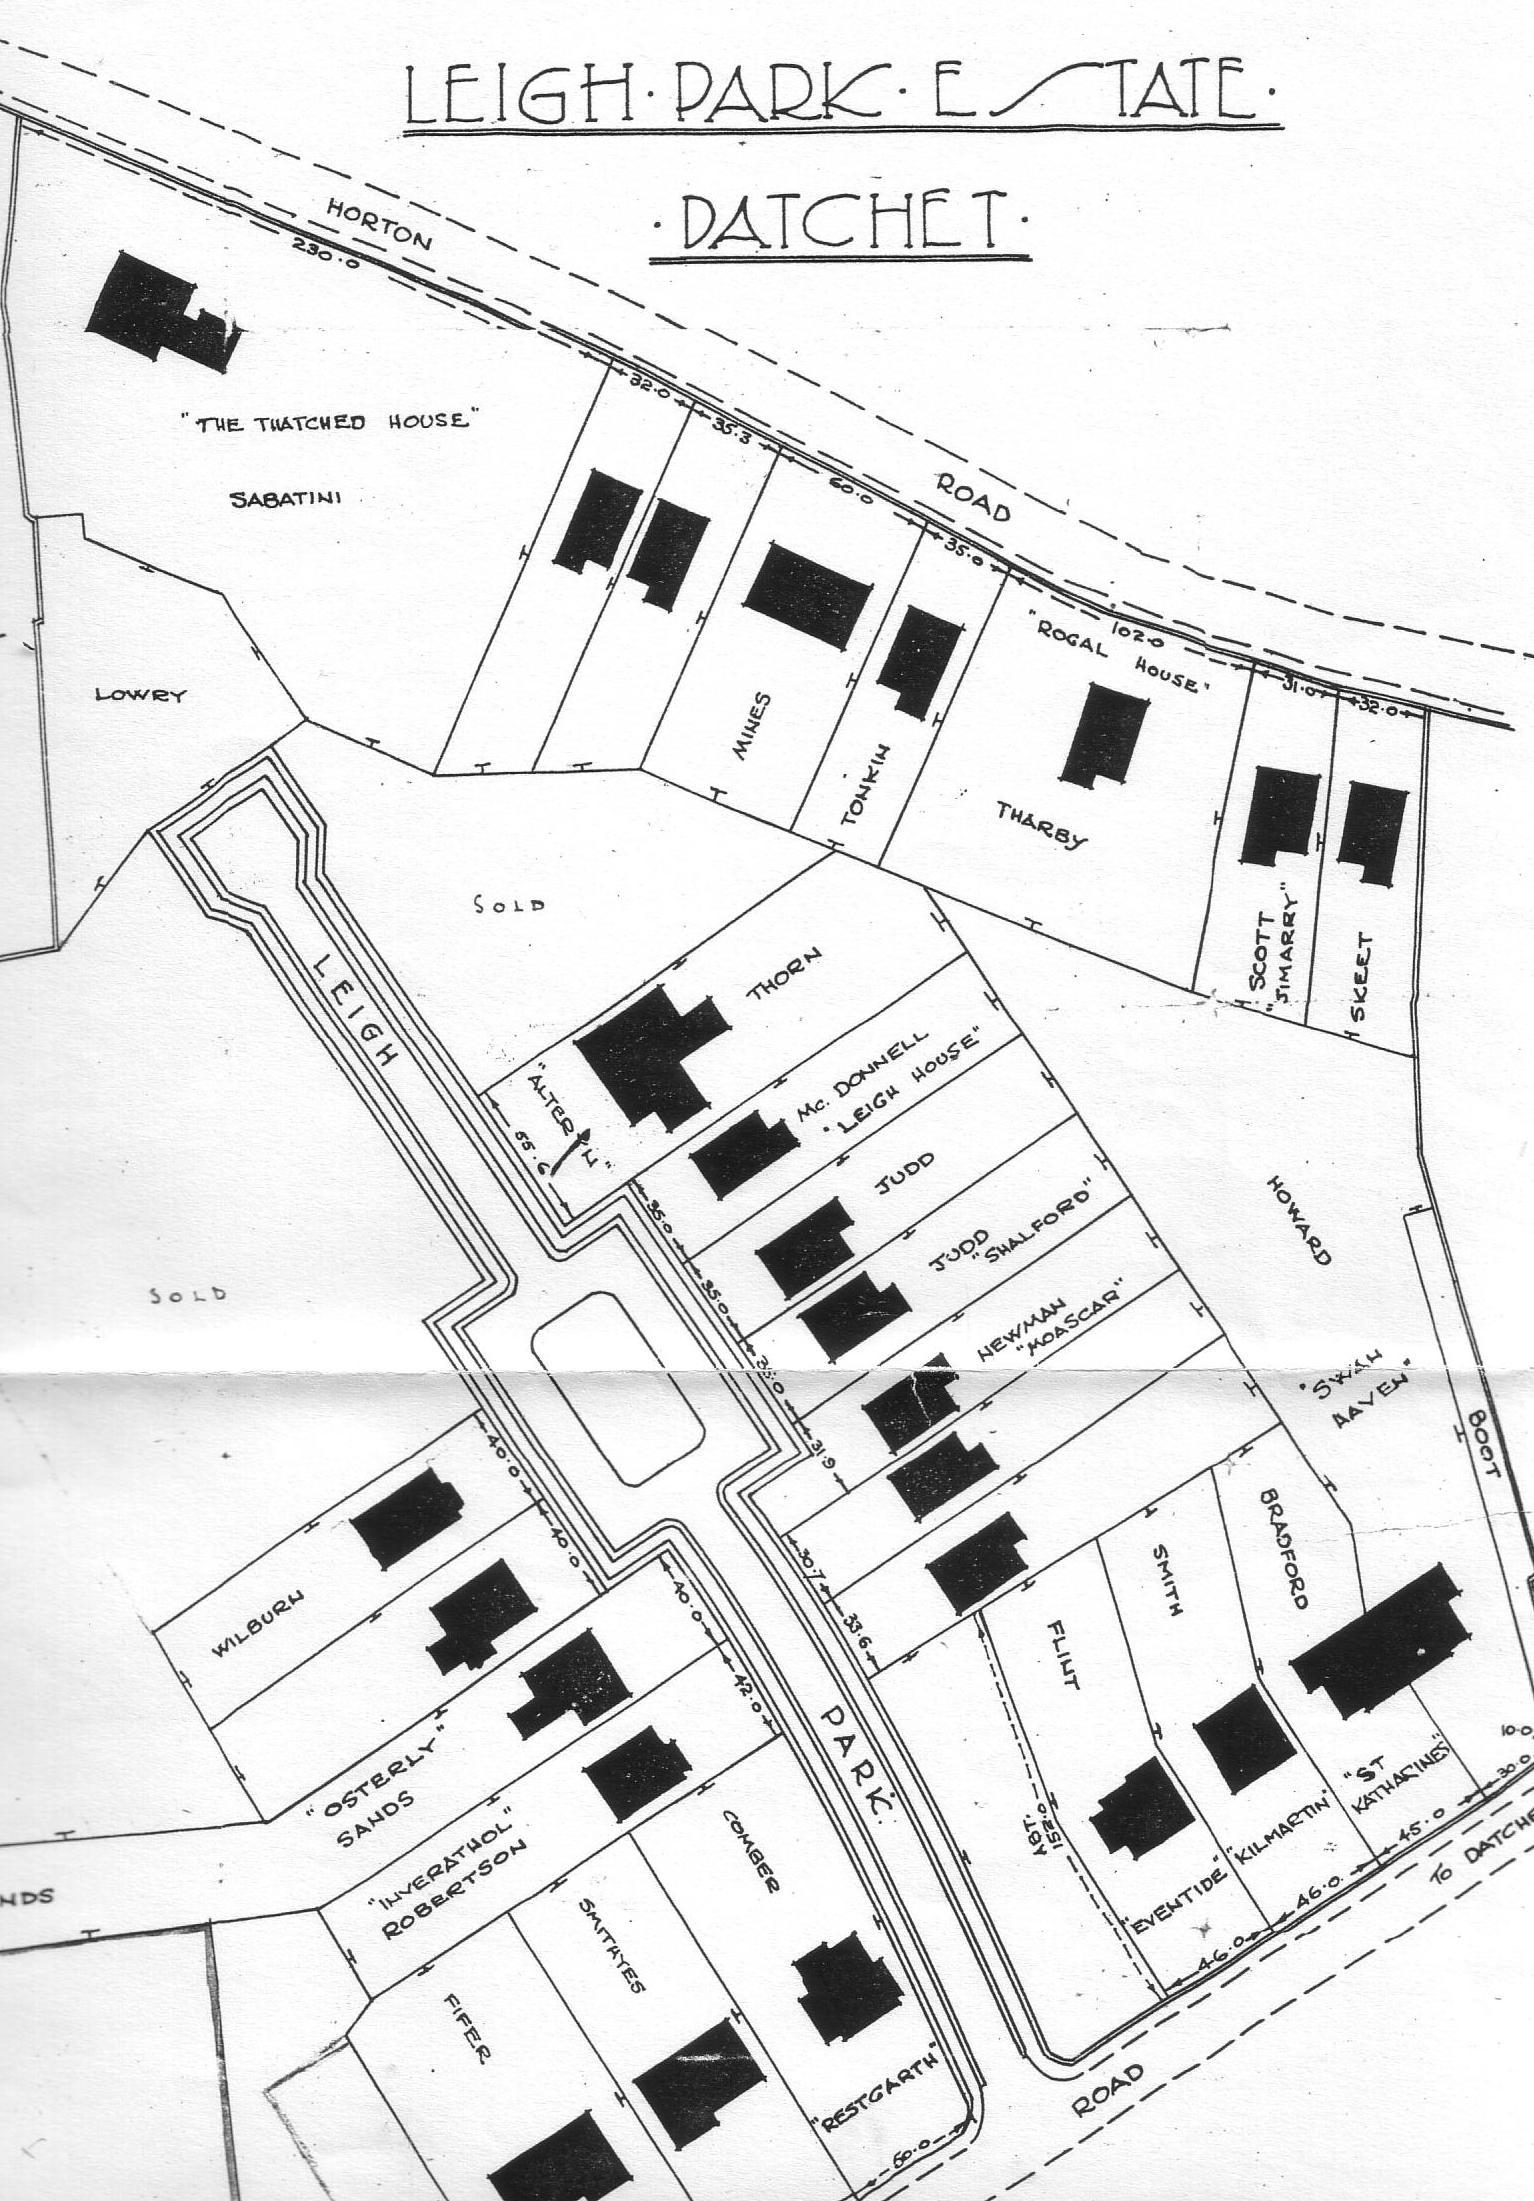 the leigh estate cedar house and satis house 1890 House Denver leigh park estate 1932